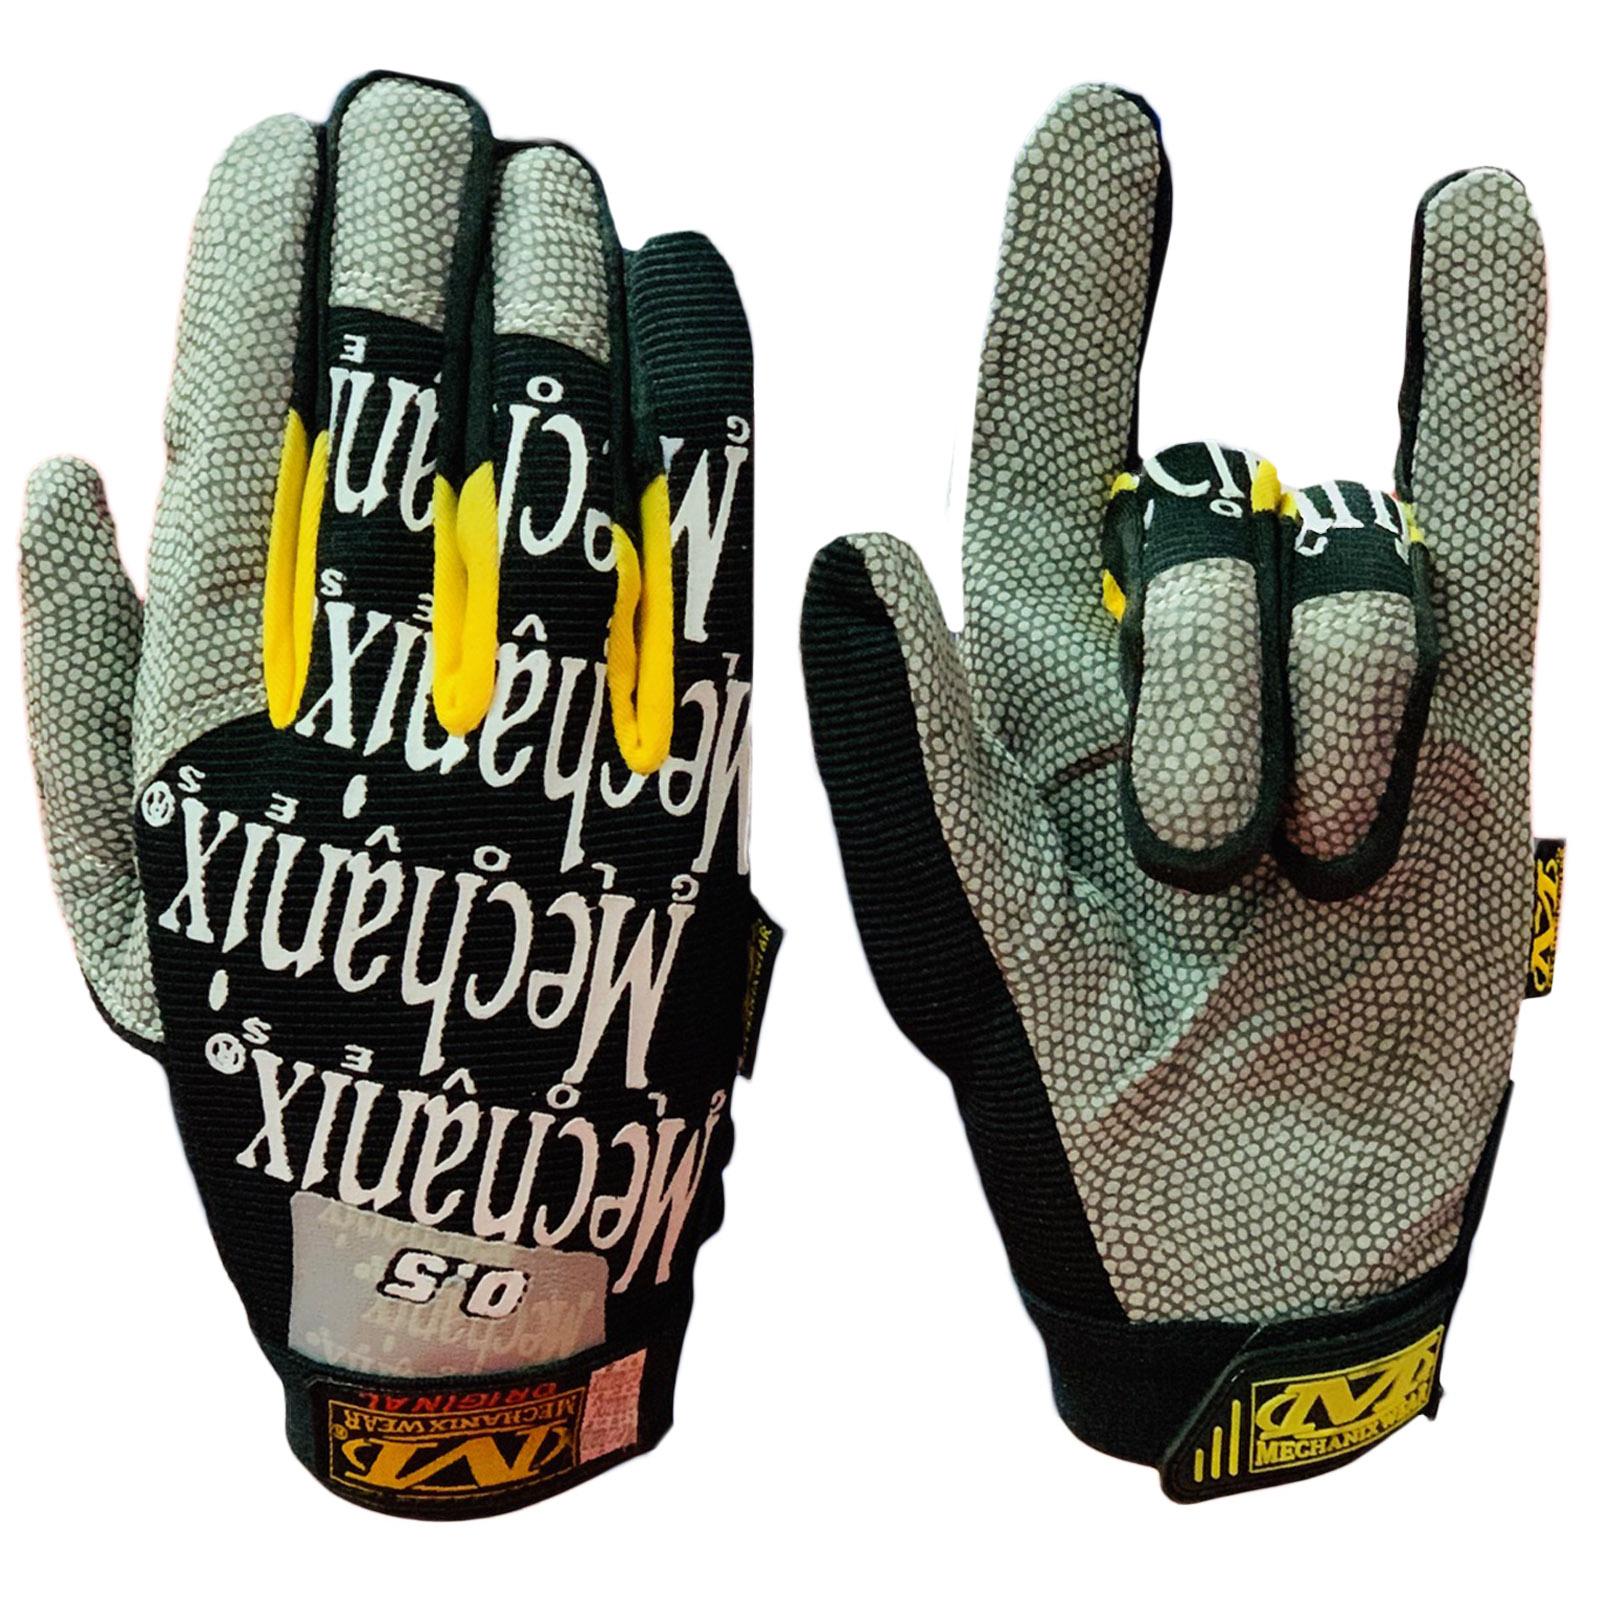 Крутые байкерские перчатки от Mechanix wear